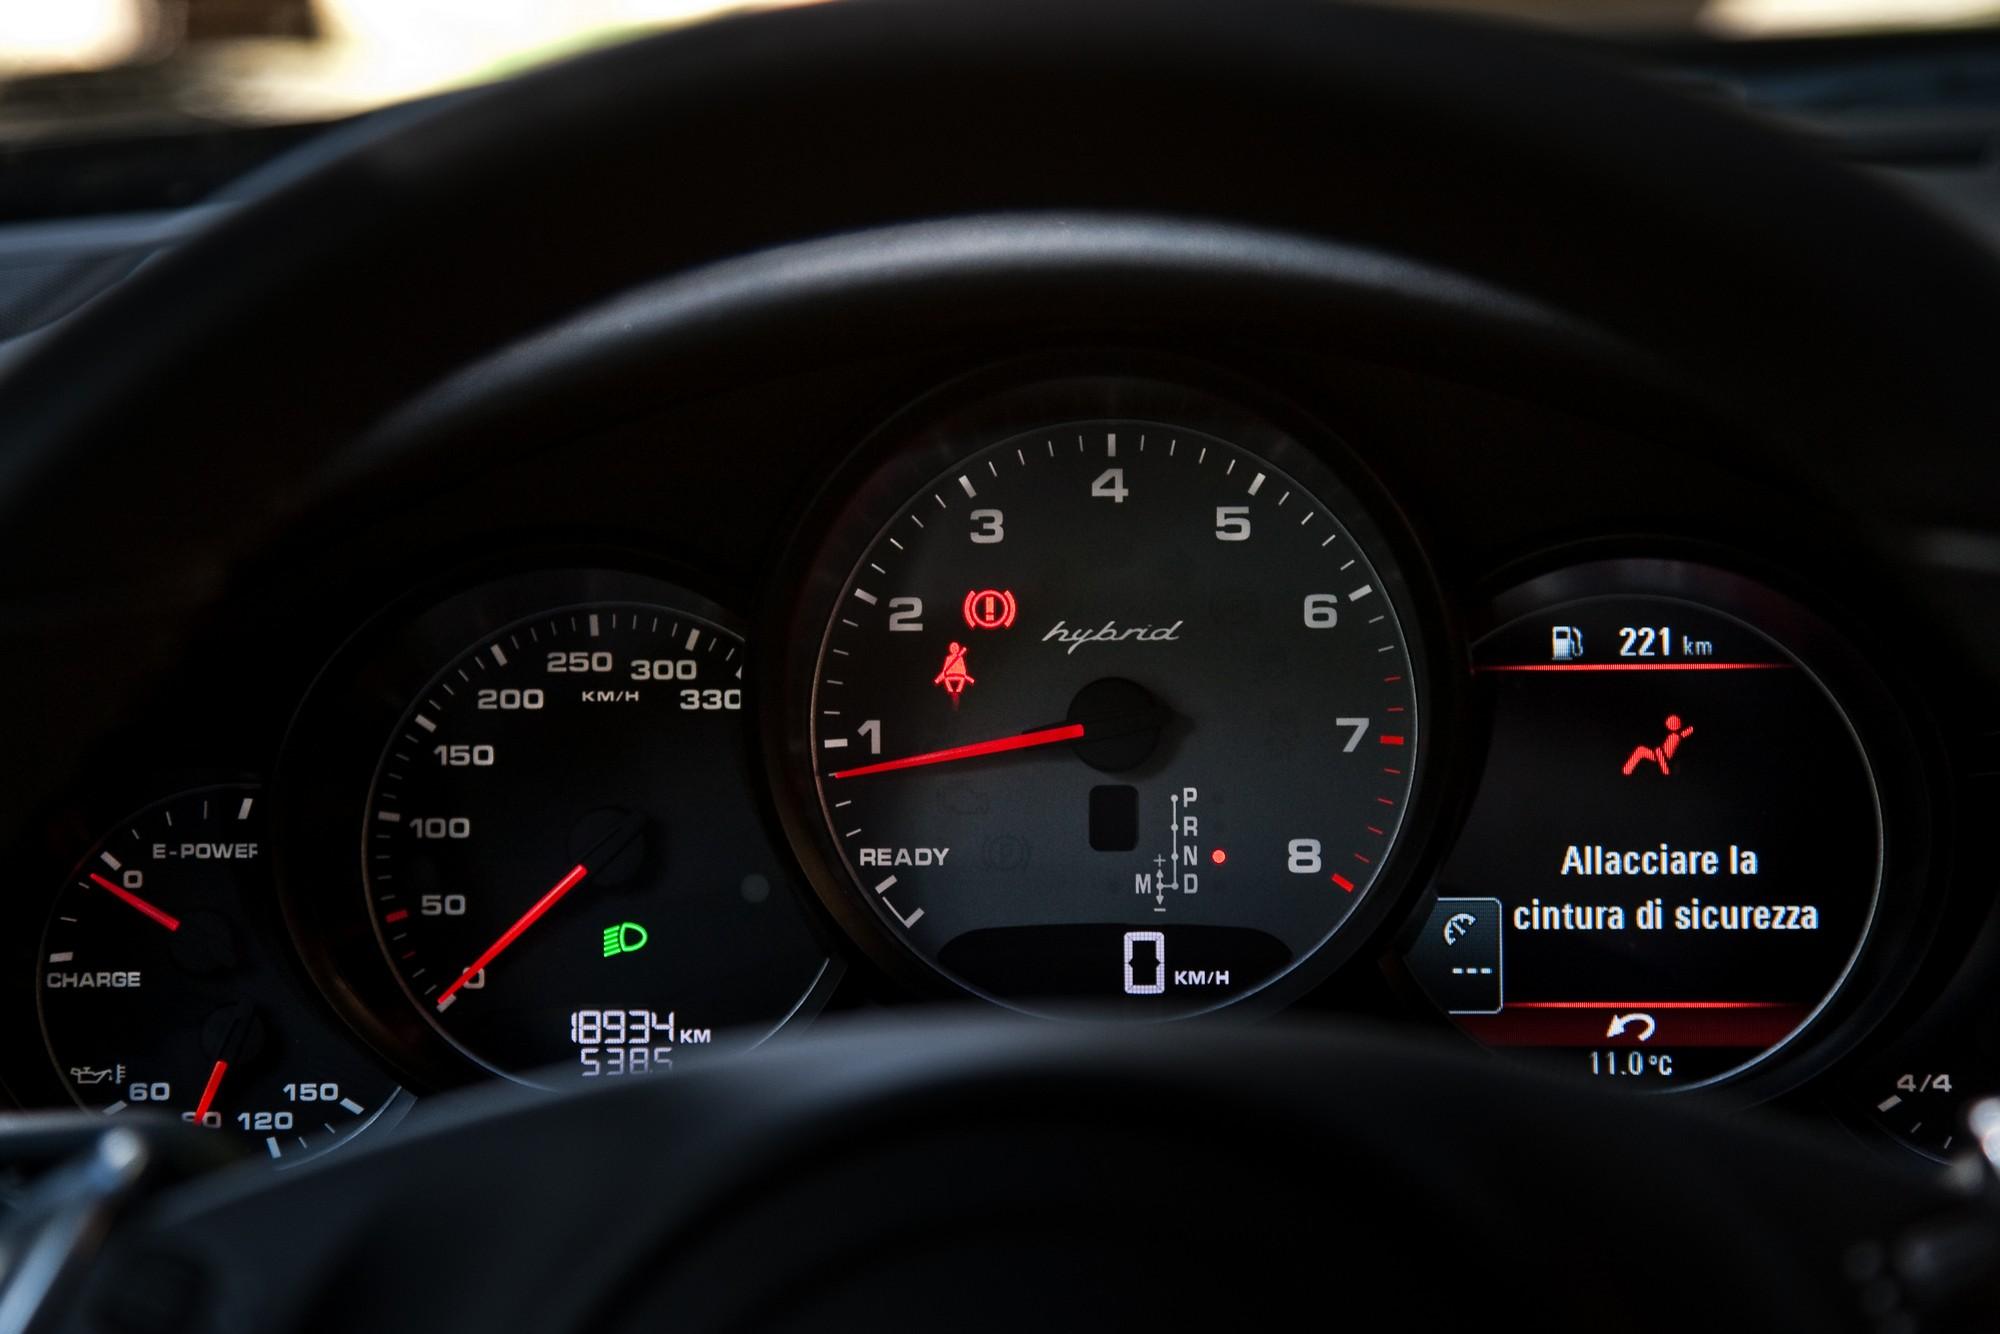 Strumentazione classica Porsche quella della Panamera, ma le indicazioni riportano qualcosa di nuovo...